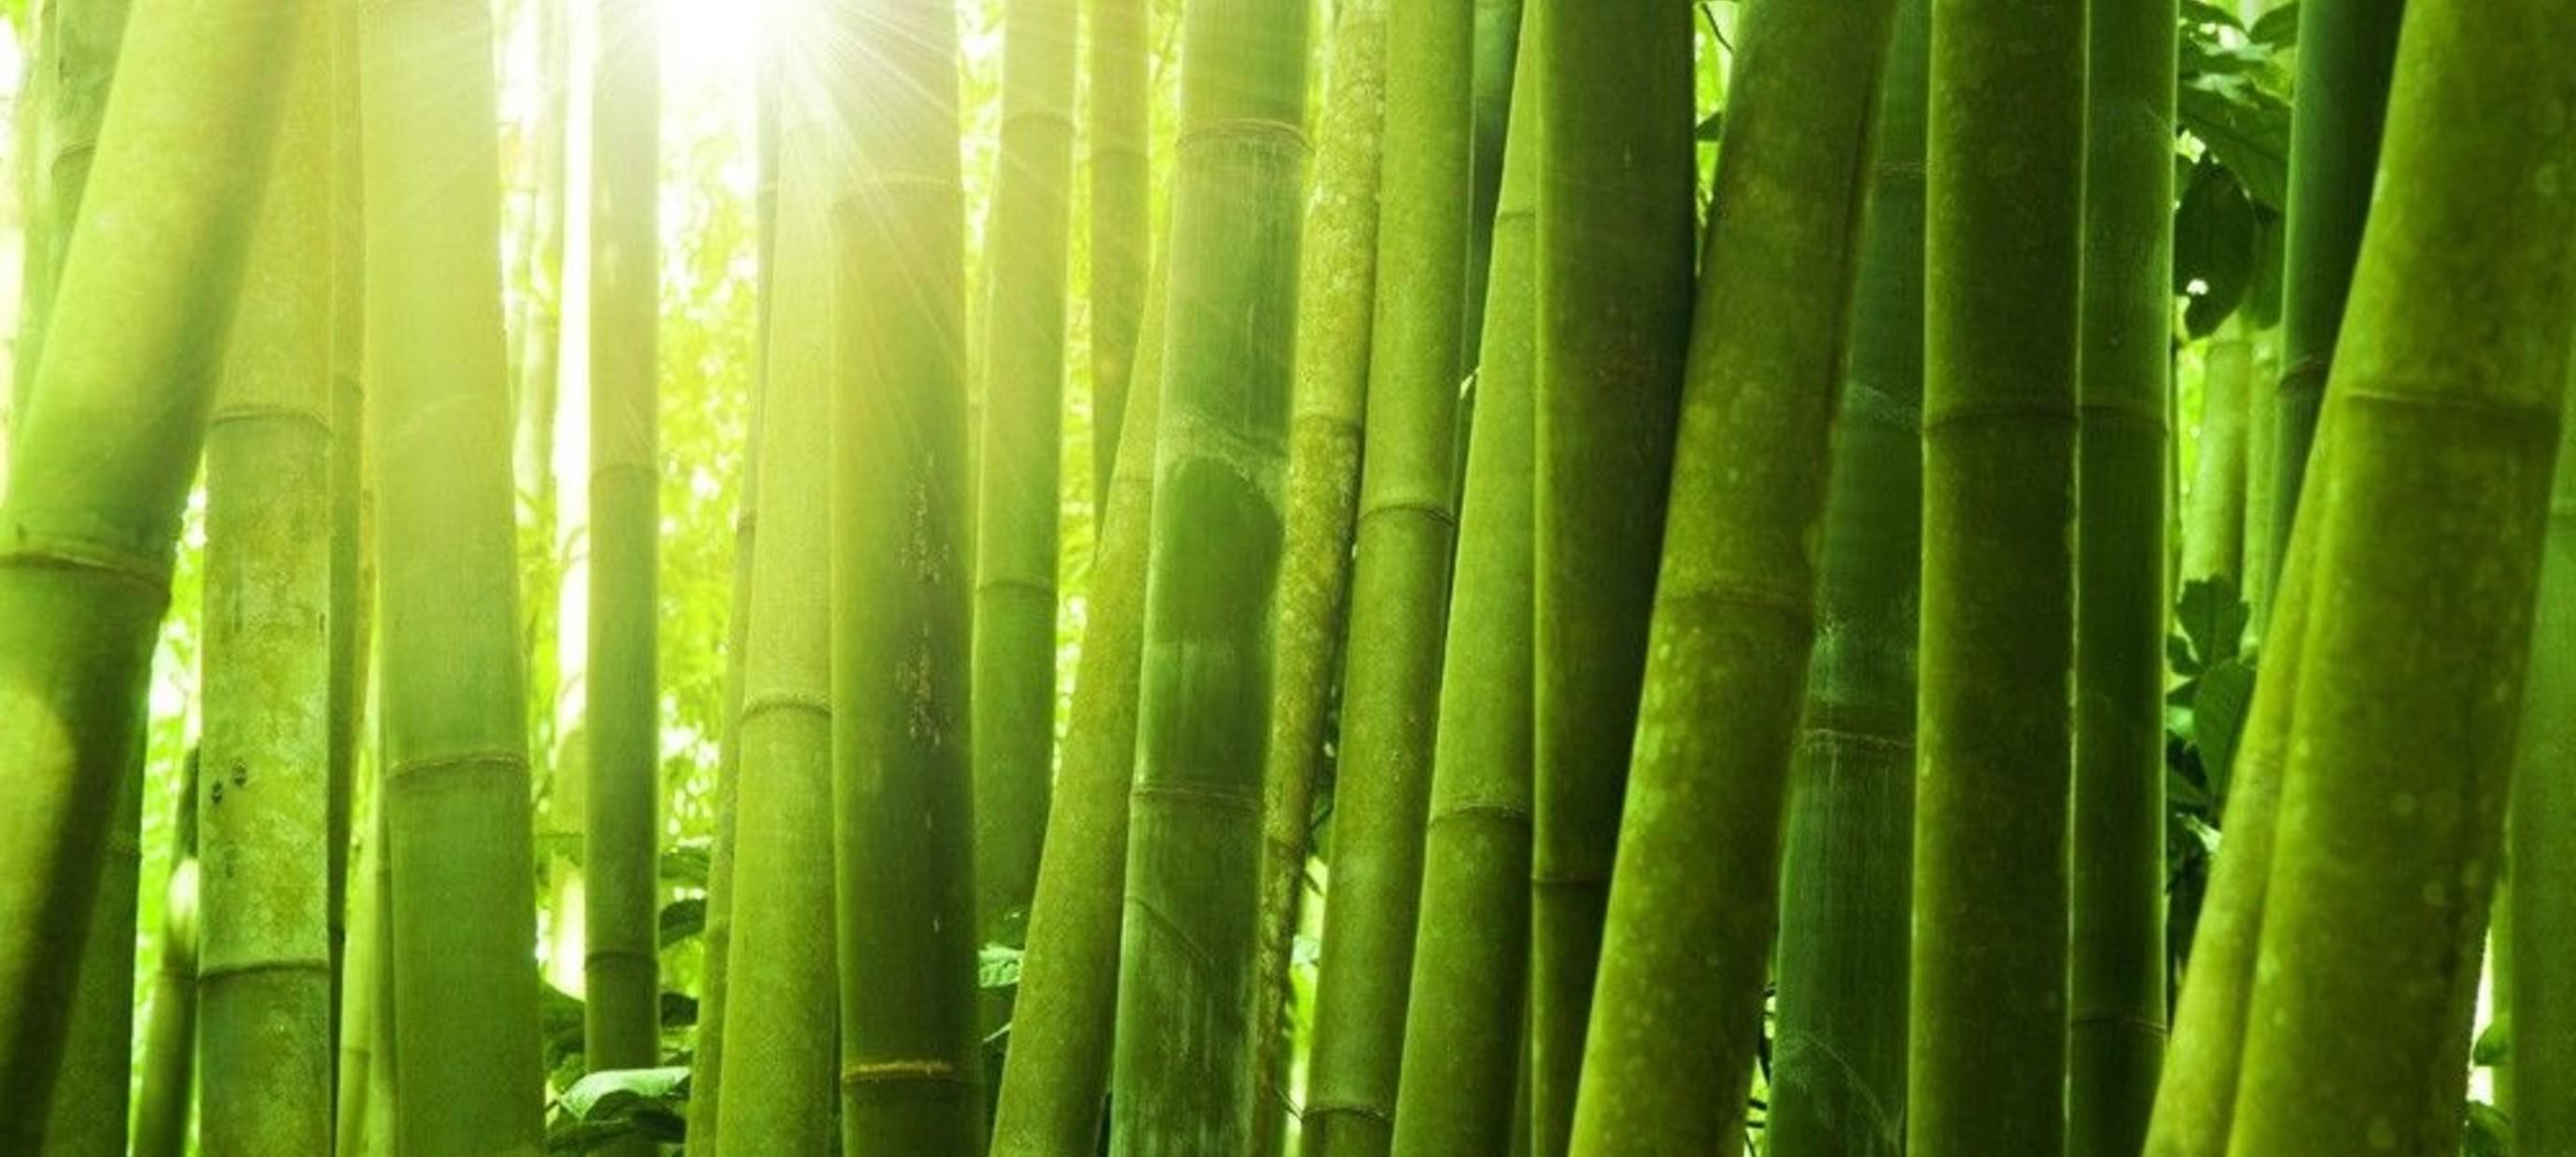 Wereld Bamboe Dag: wat kan jij met dit materiaal?